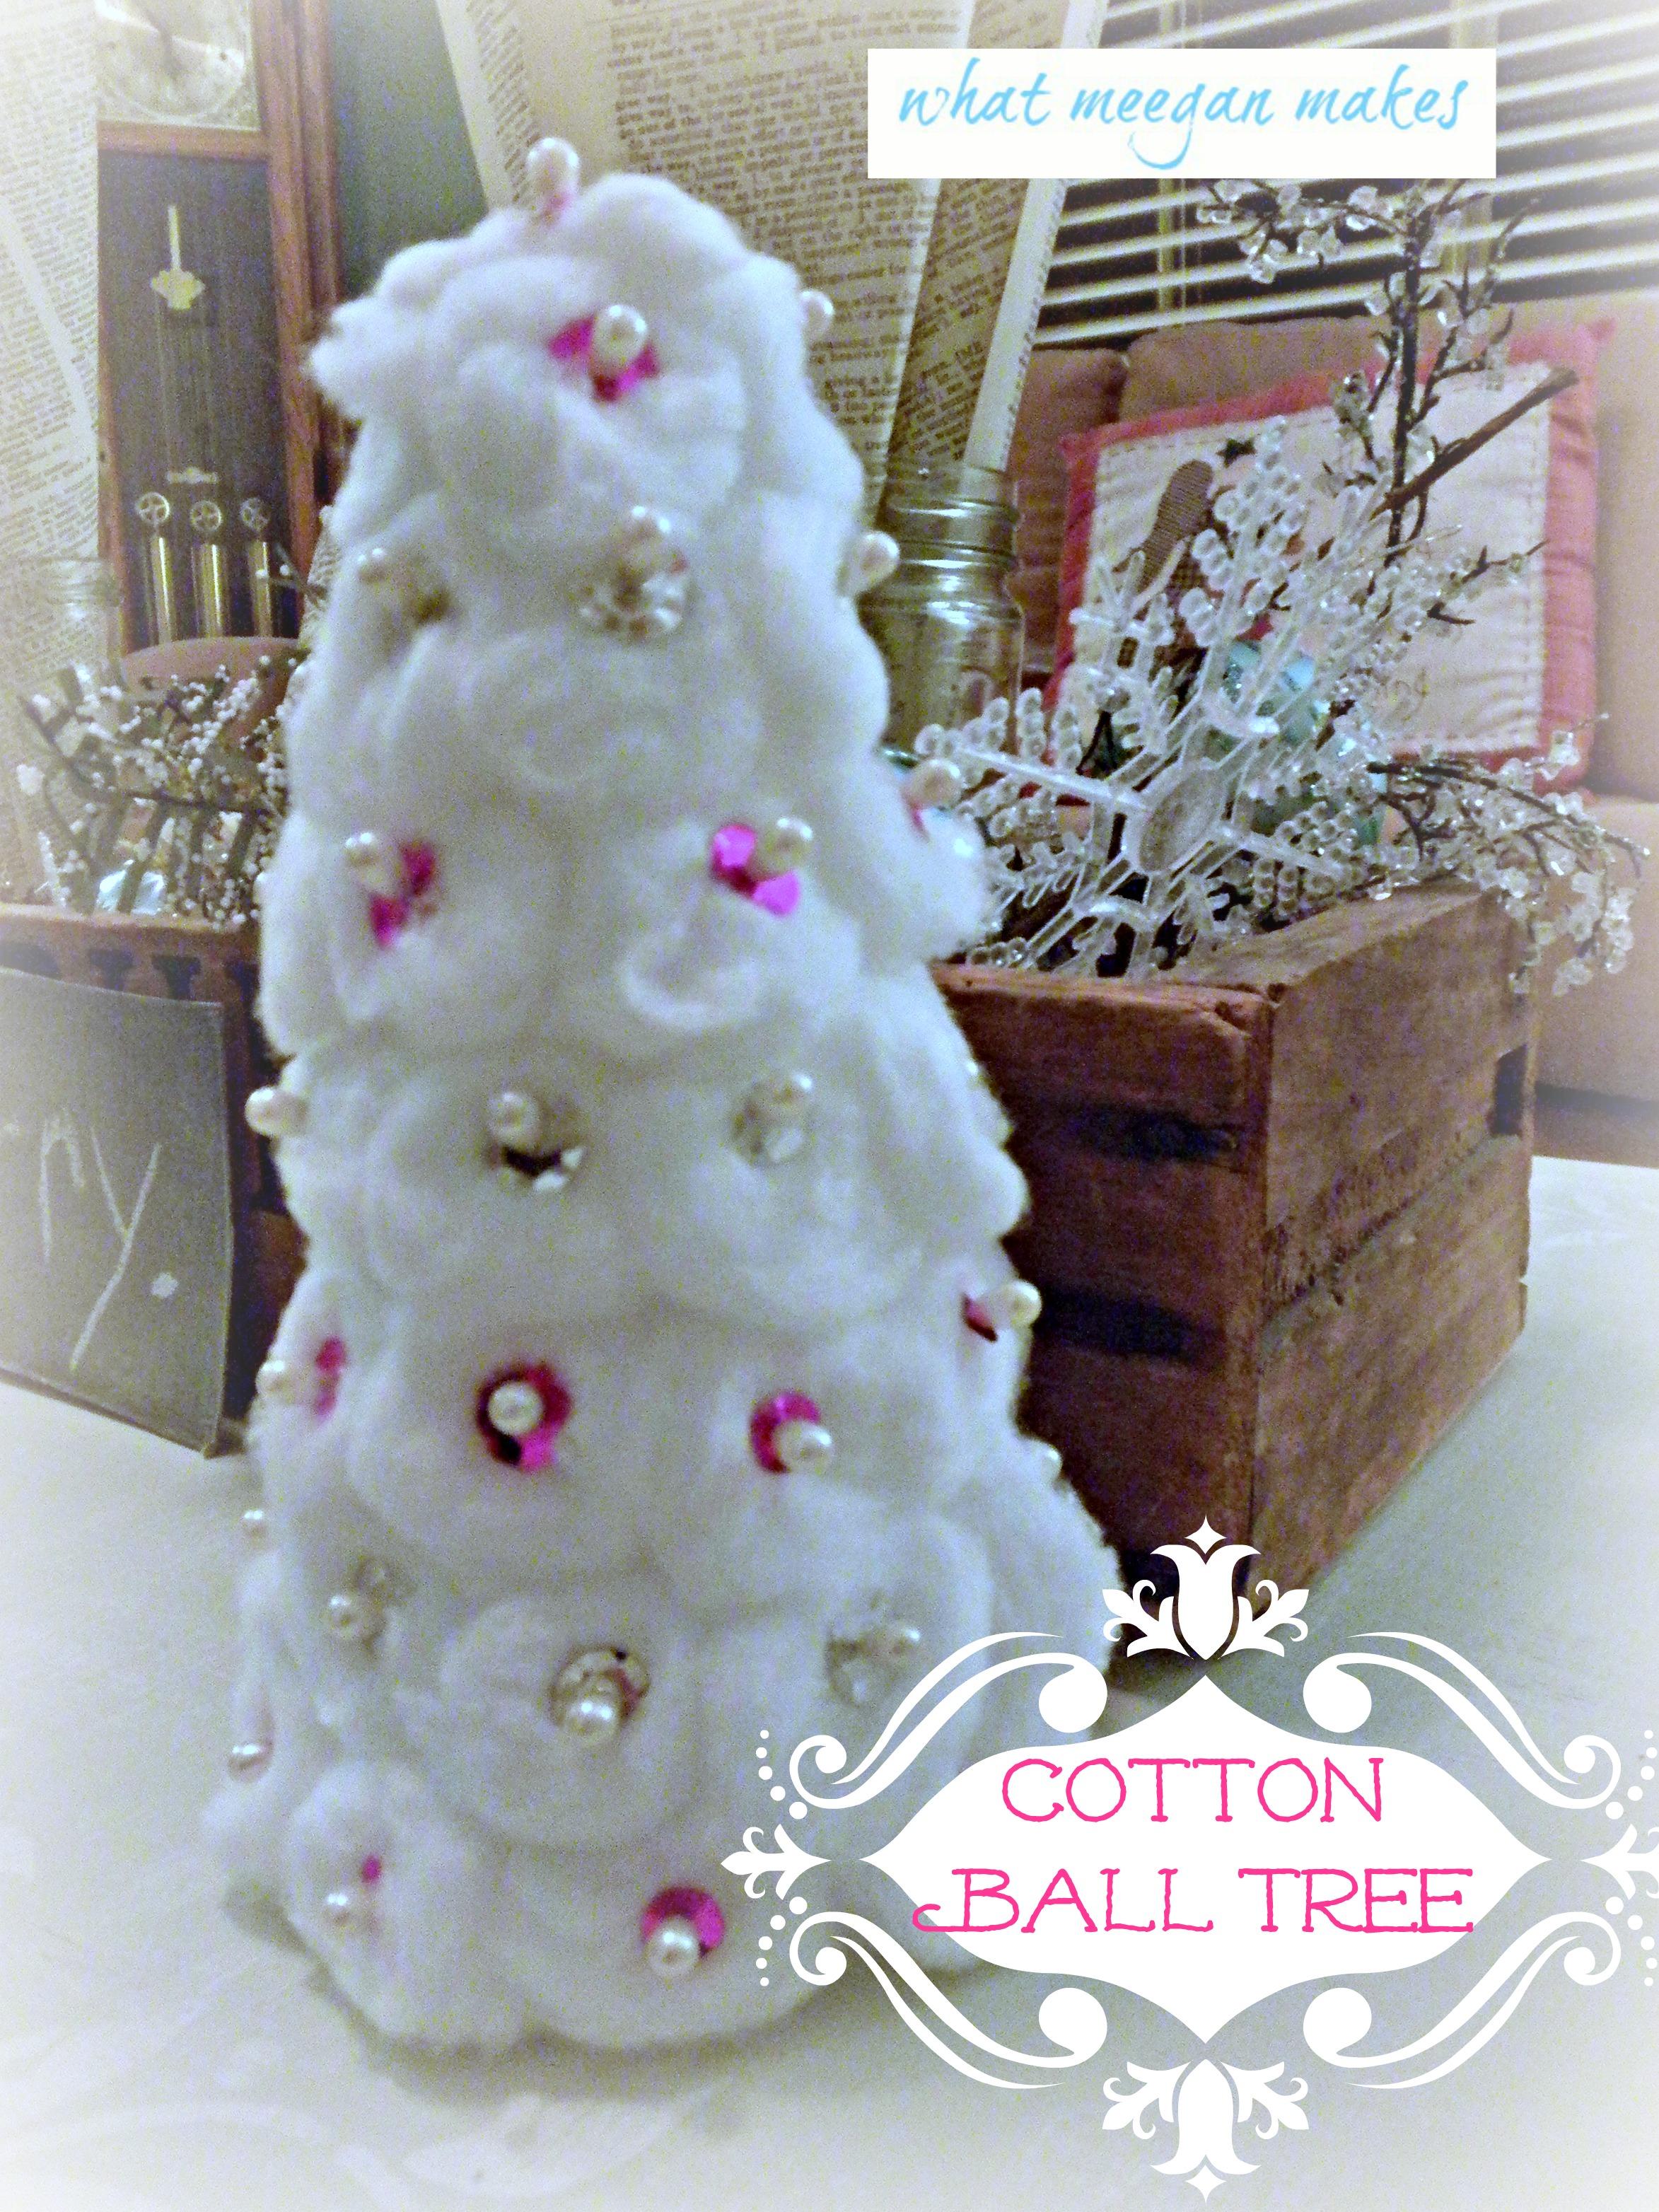 Cotton ball christmas trees - Cotton ballspractical ideas ...